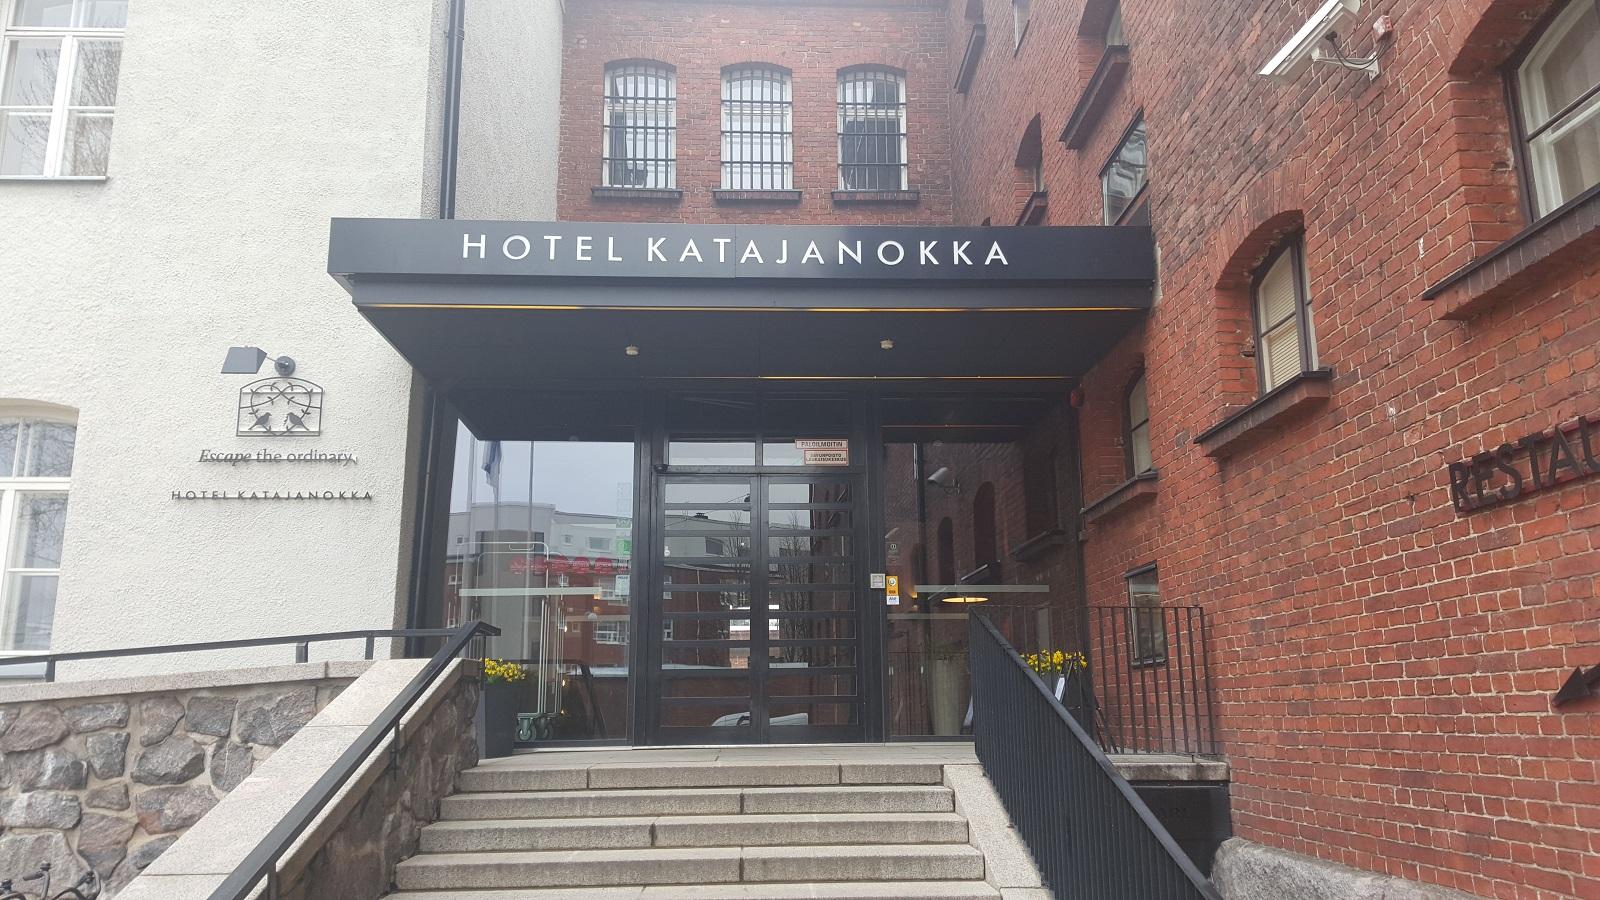 Hotel Katajanokka - sisäänkäynti